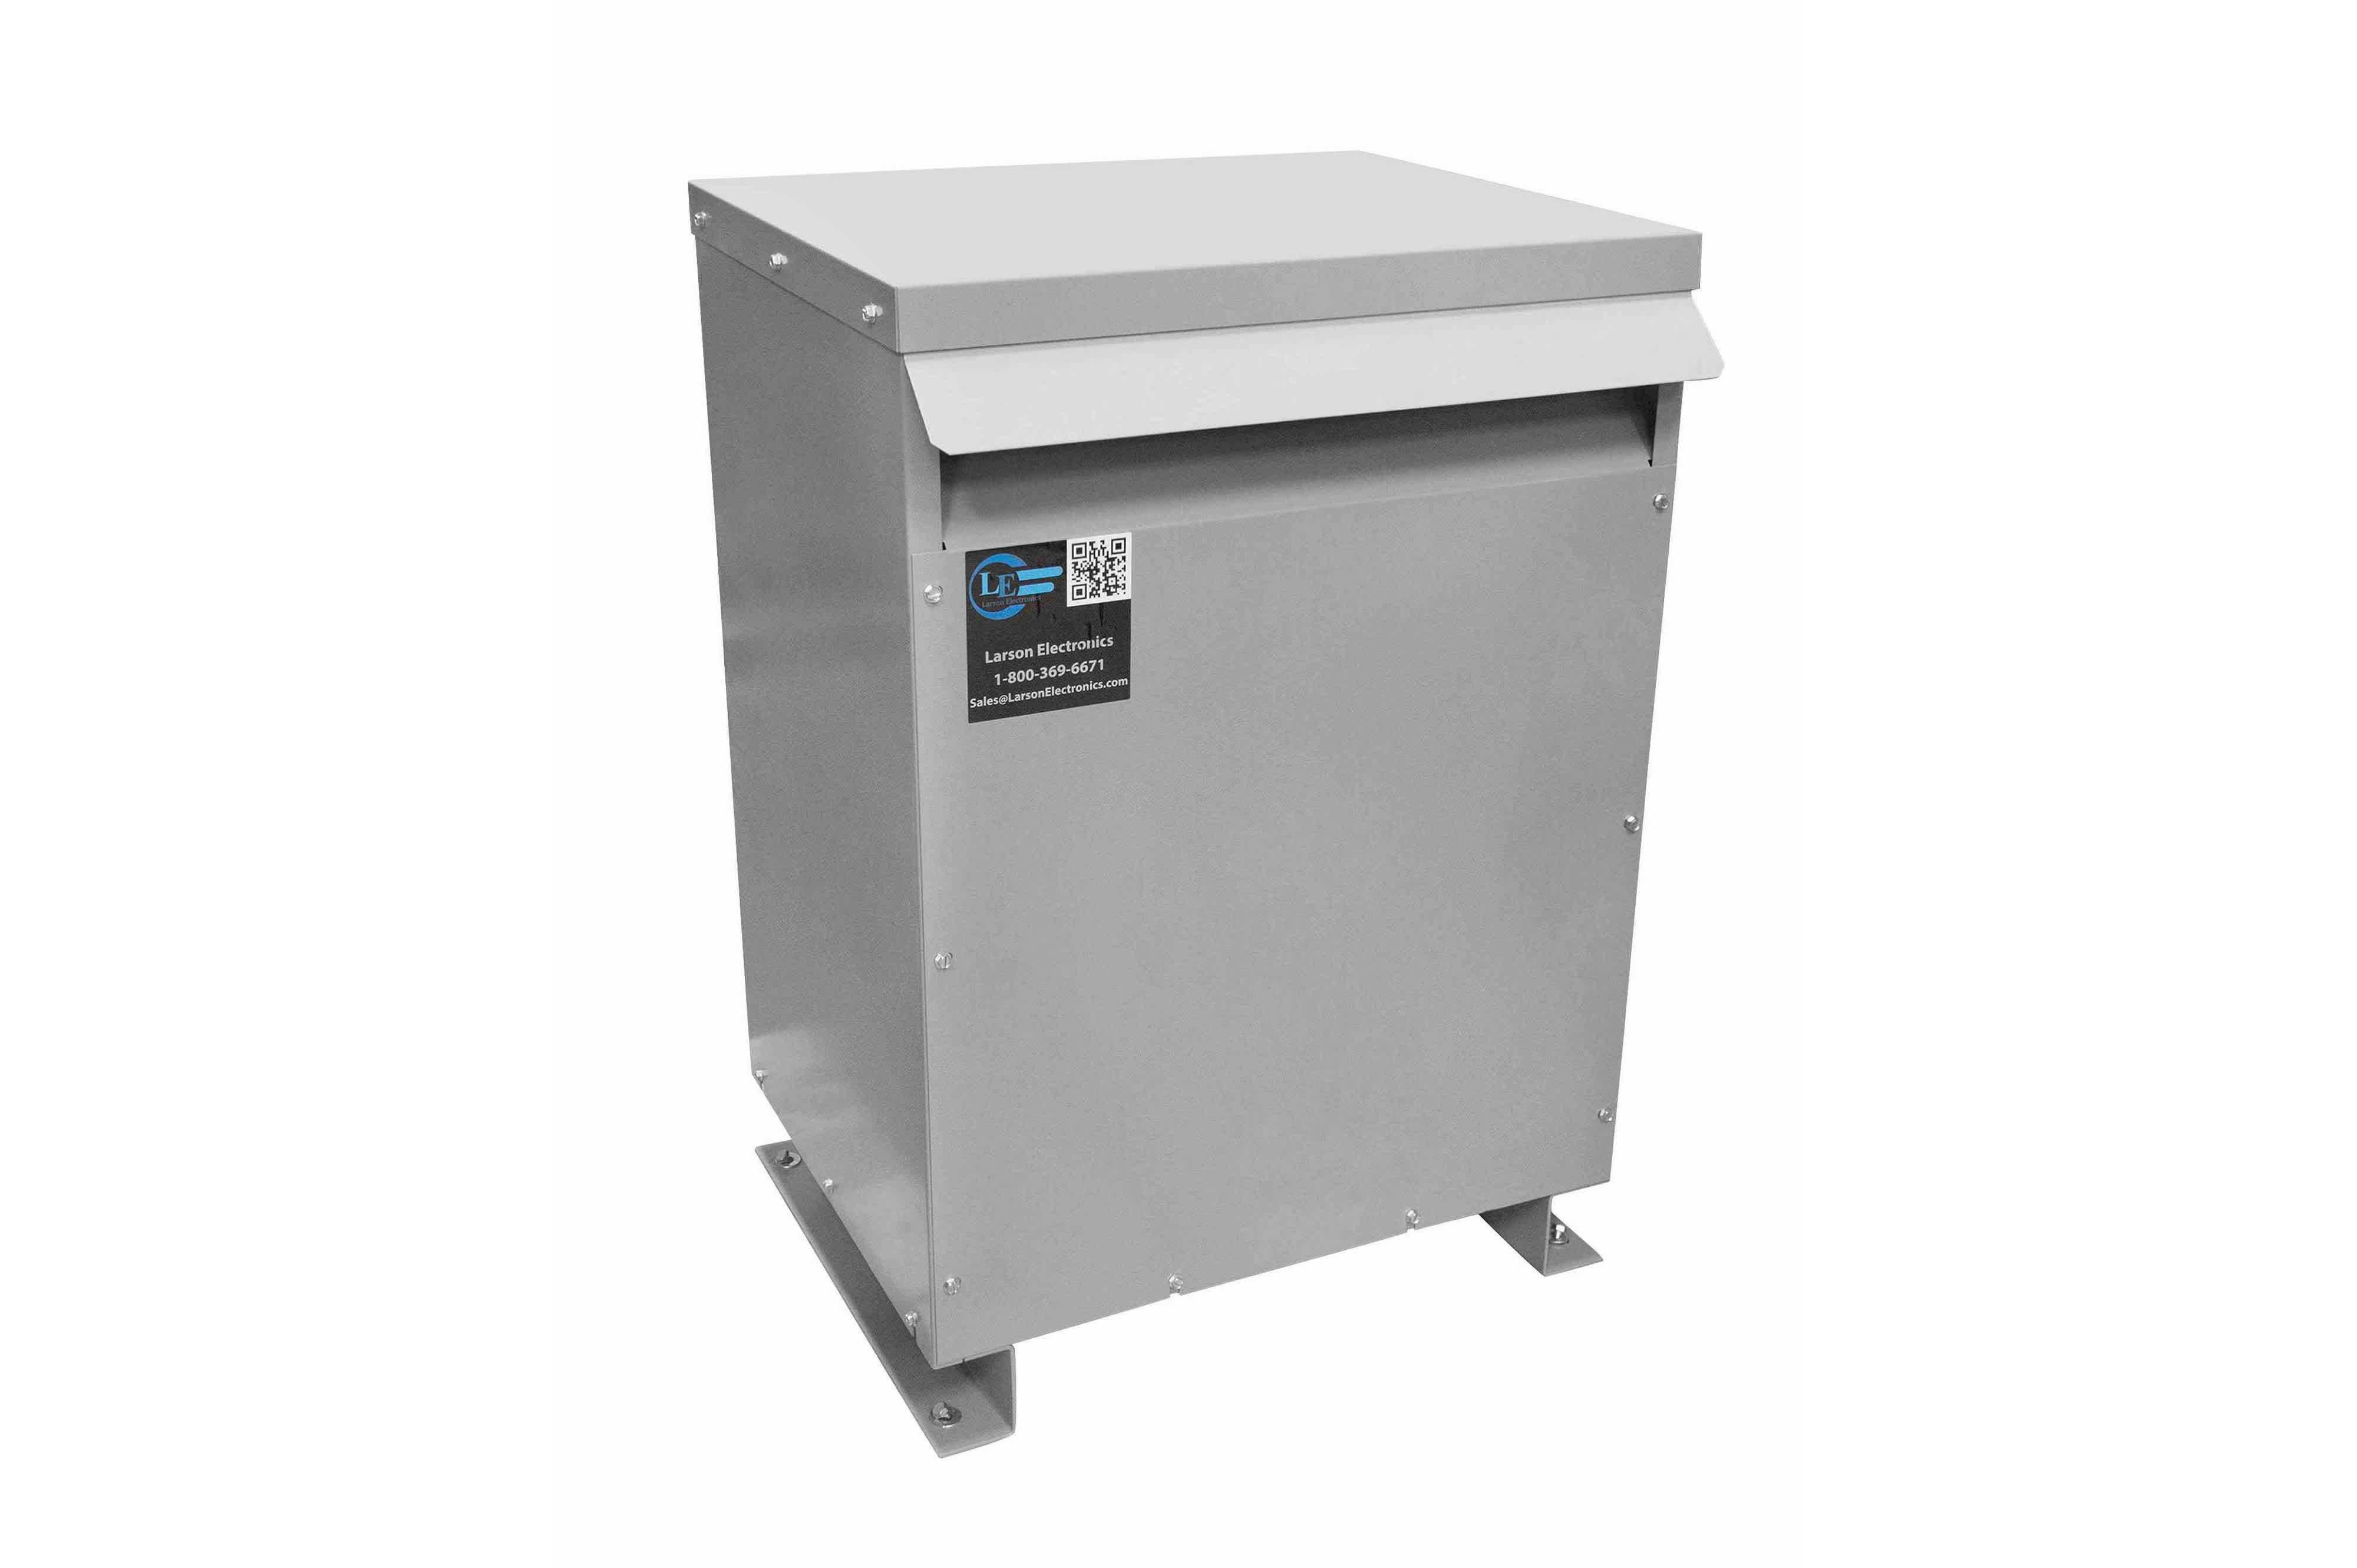 36 kVA 3PH Isolation Transformer, 440V Delta Primary, 208V Delta Secondary, N3R, Ventilated, 60 Hz